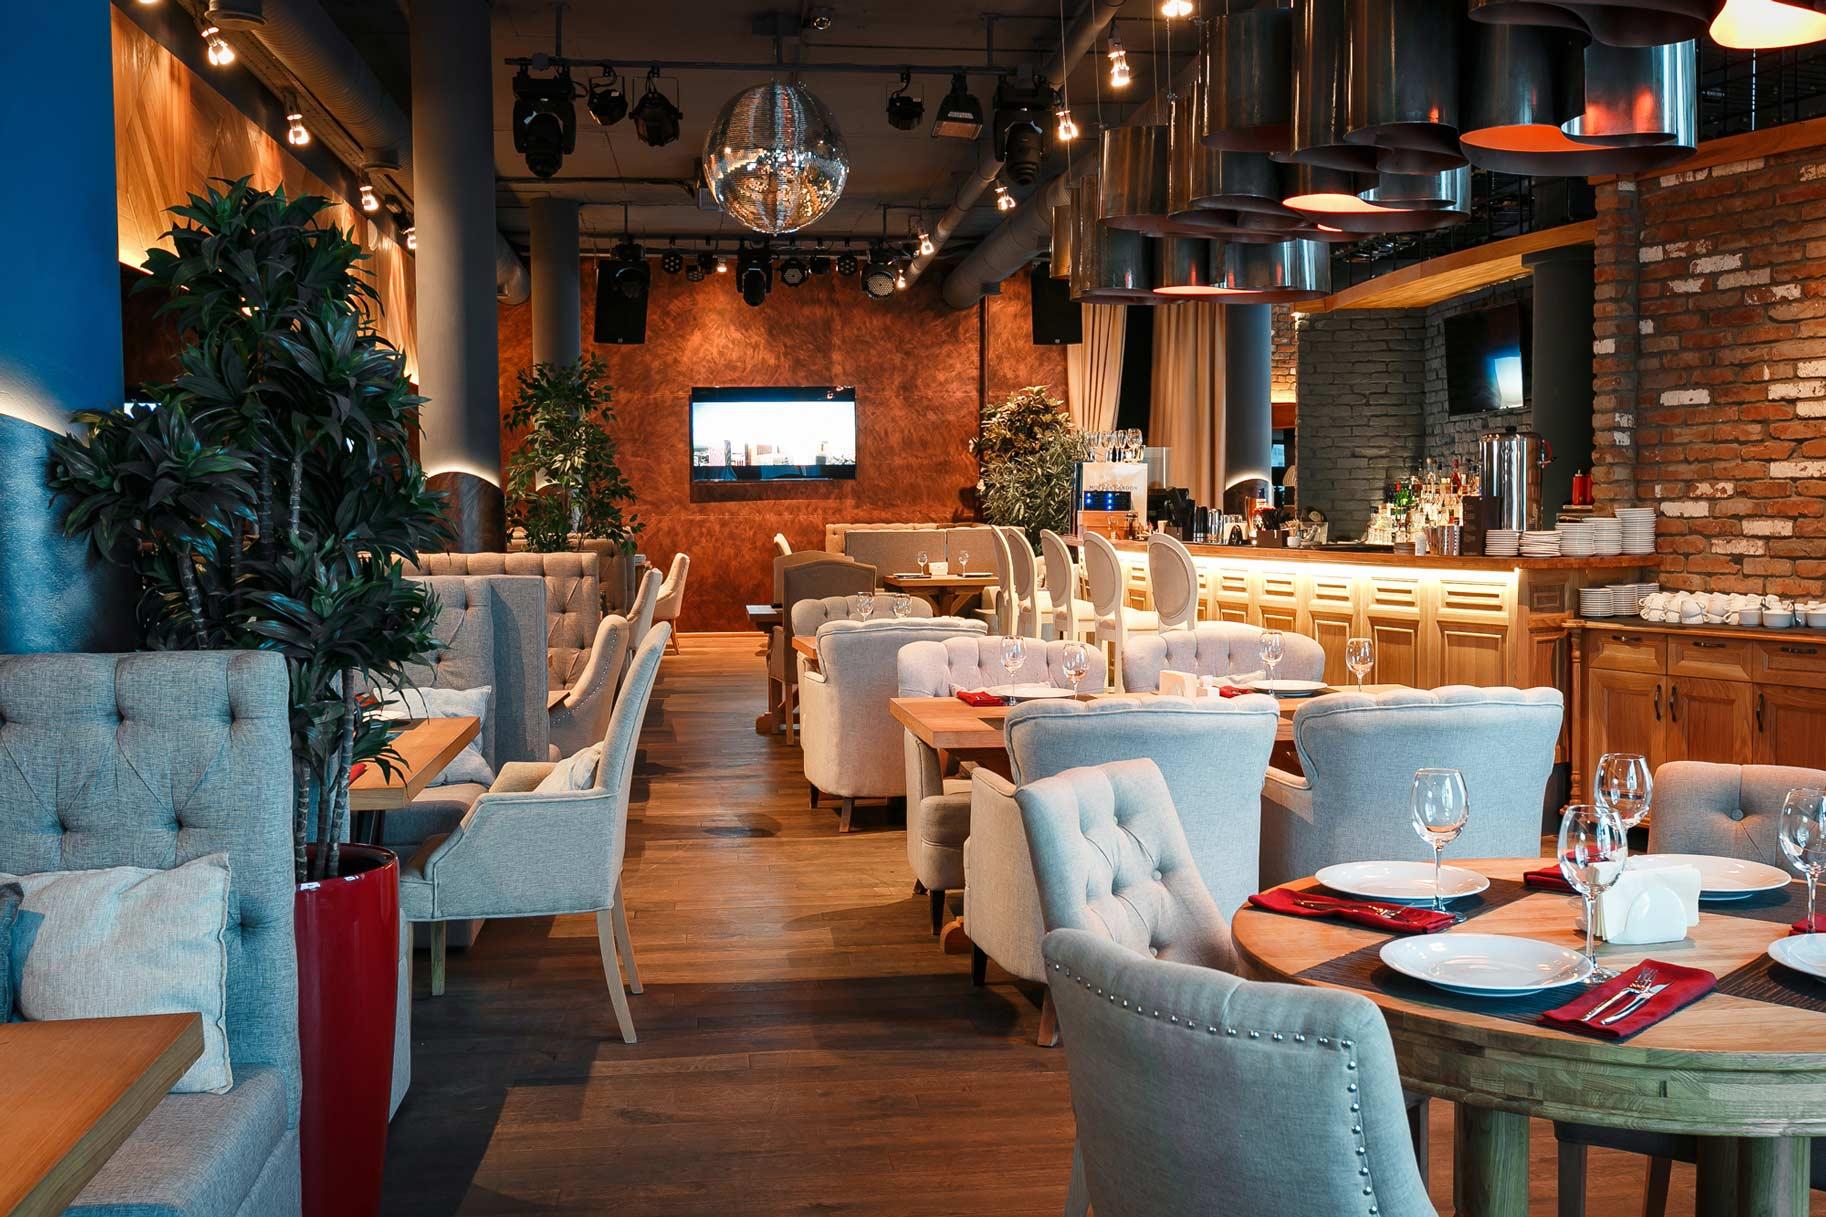 проверенных мфо, ресторан мост краснодар фото призналась рэперу